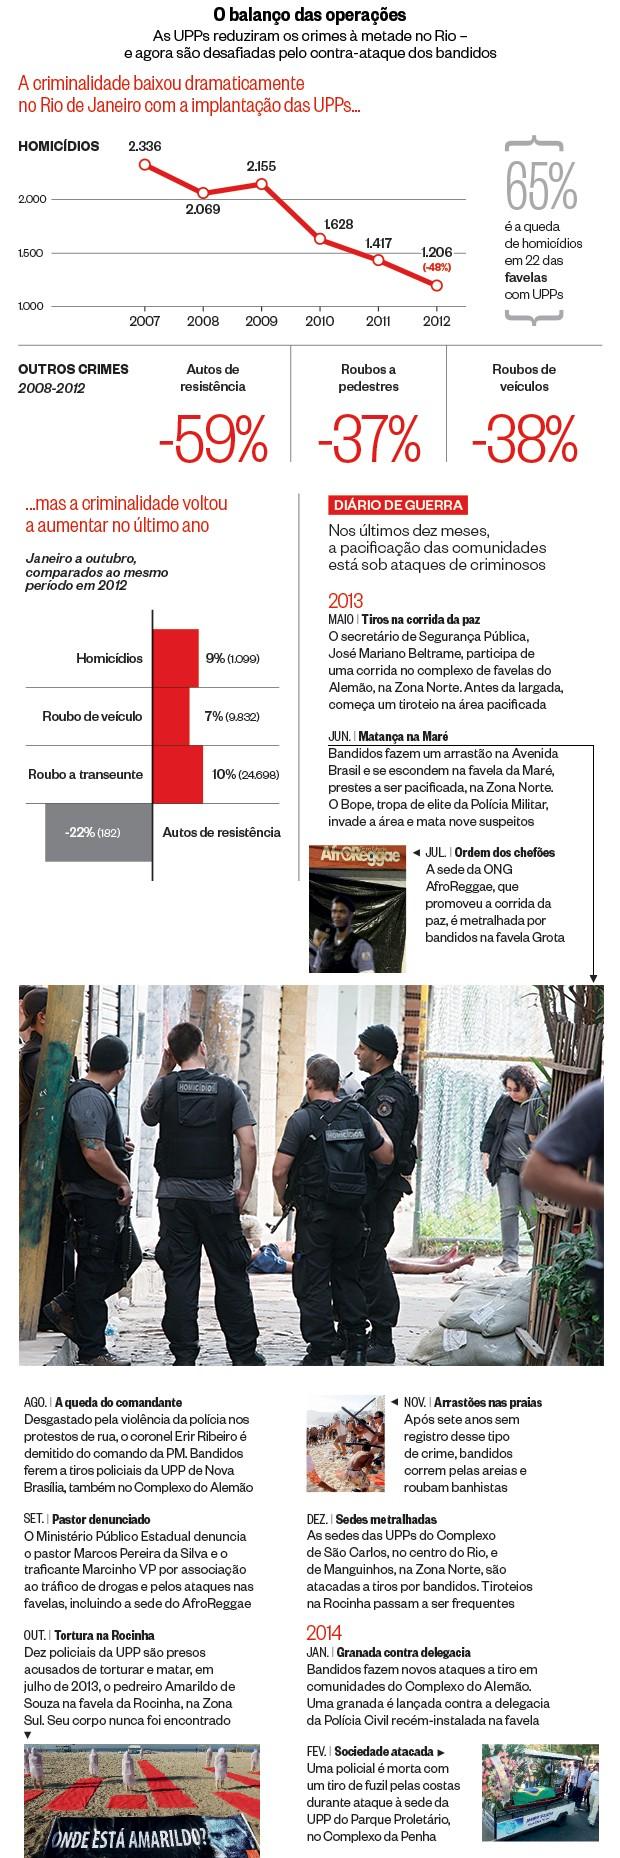 O balanço das operações (Foto: Severino Silva/Ag. O Dia, Extra, Ag. O Dia e Ag. O globo (2); Fonte: Instituto de Segurança Pública       )